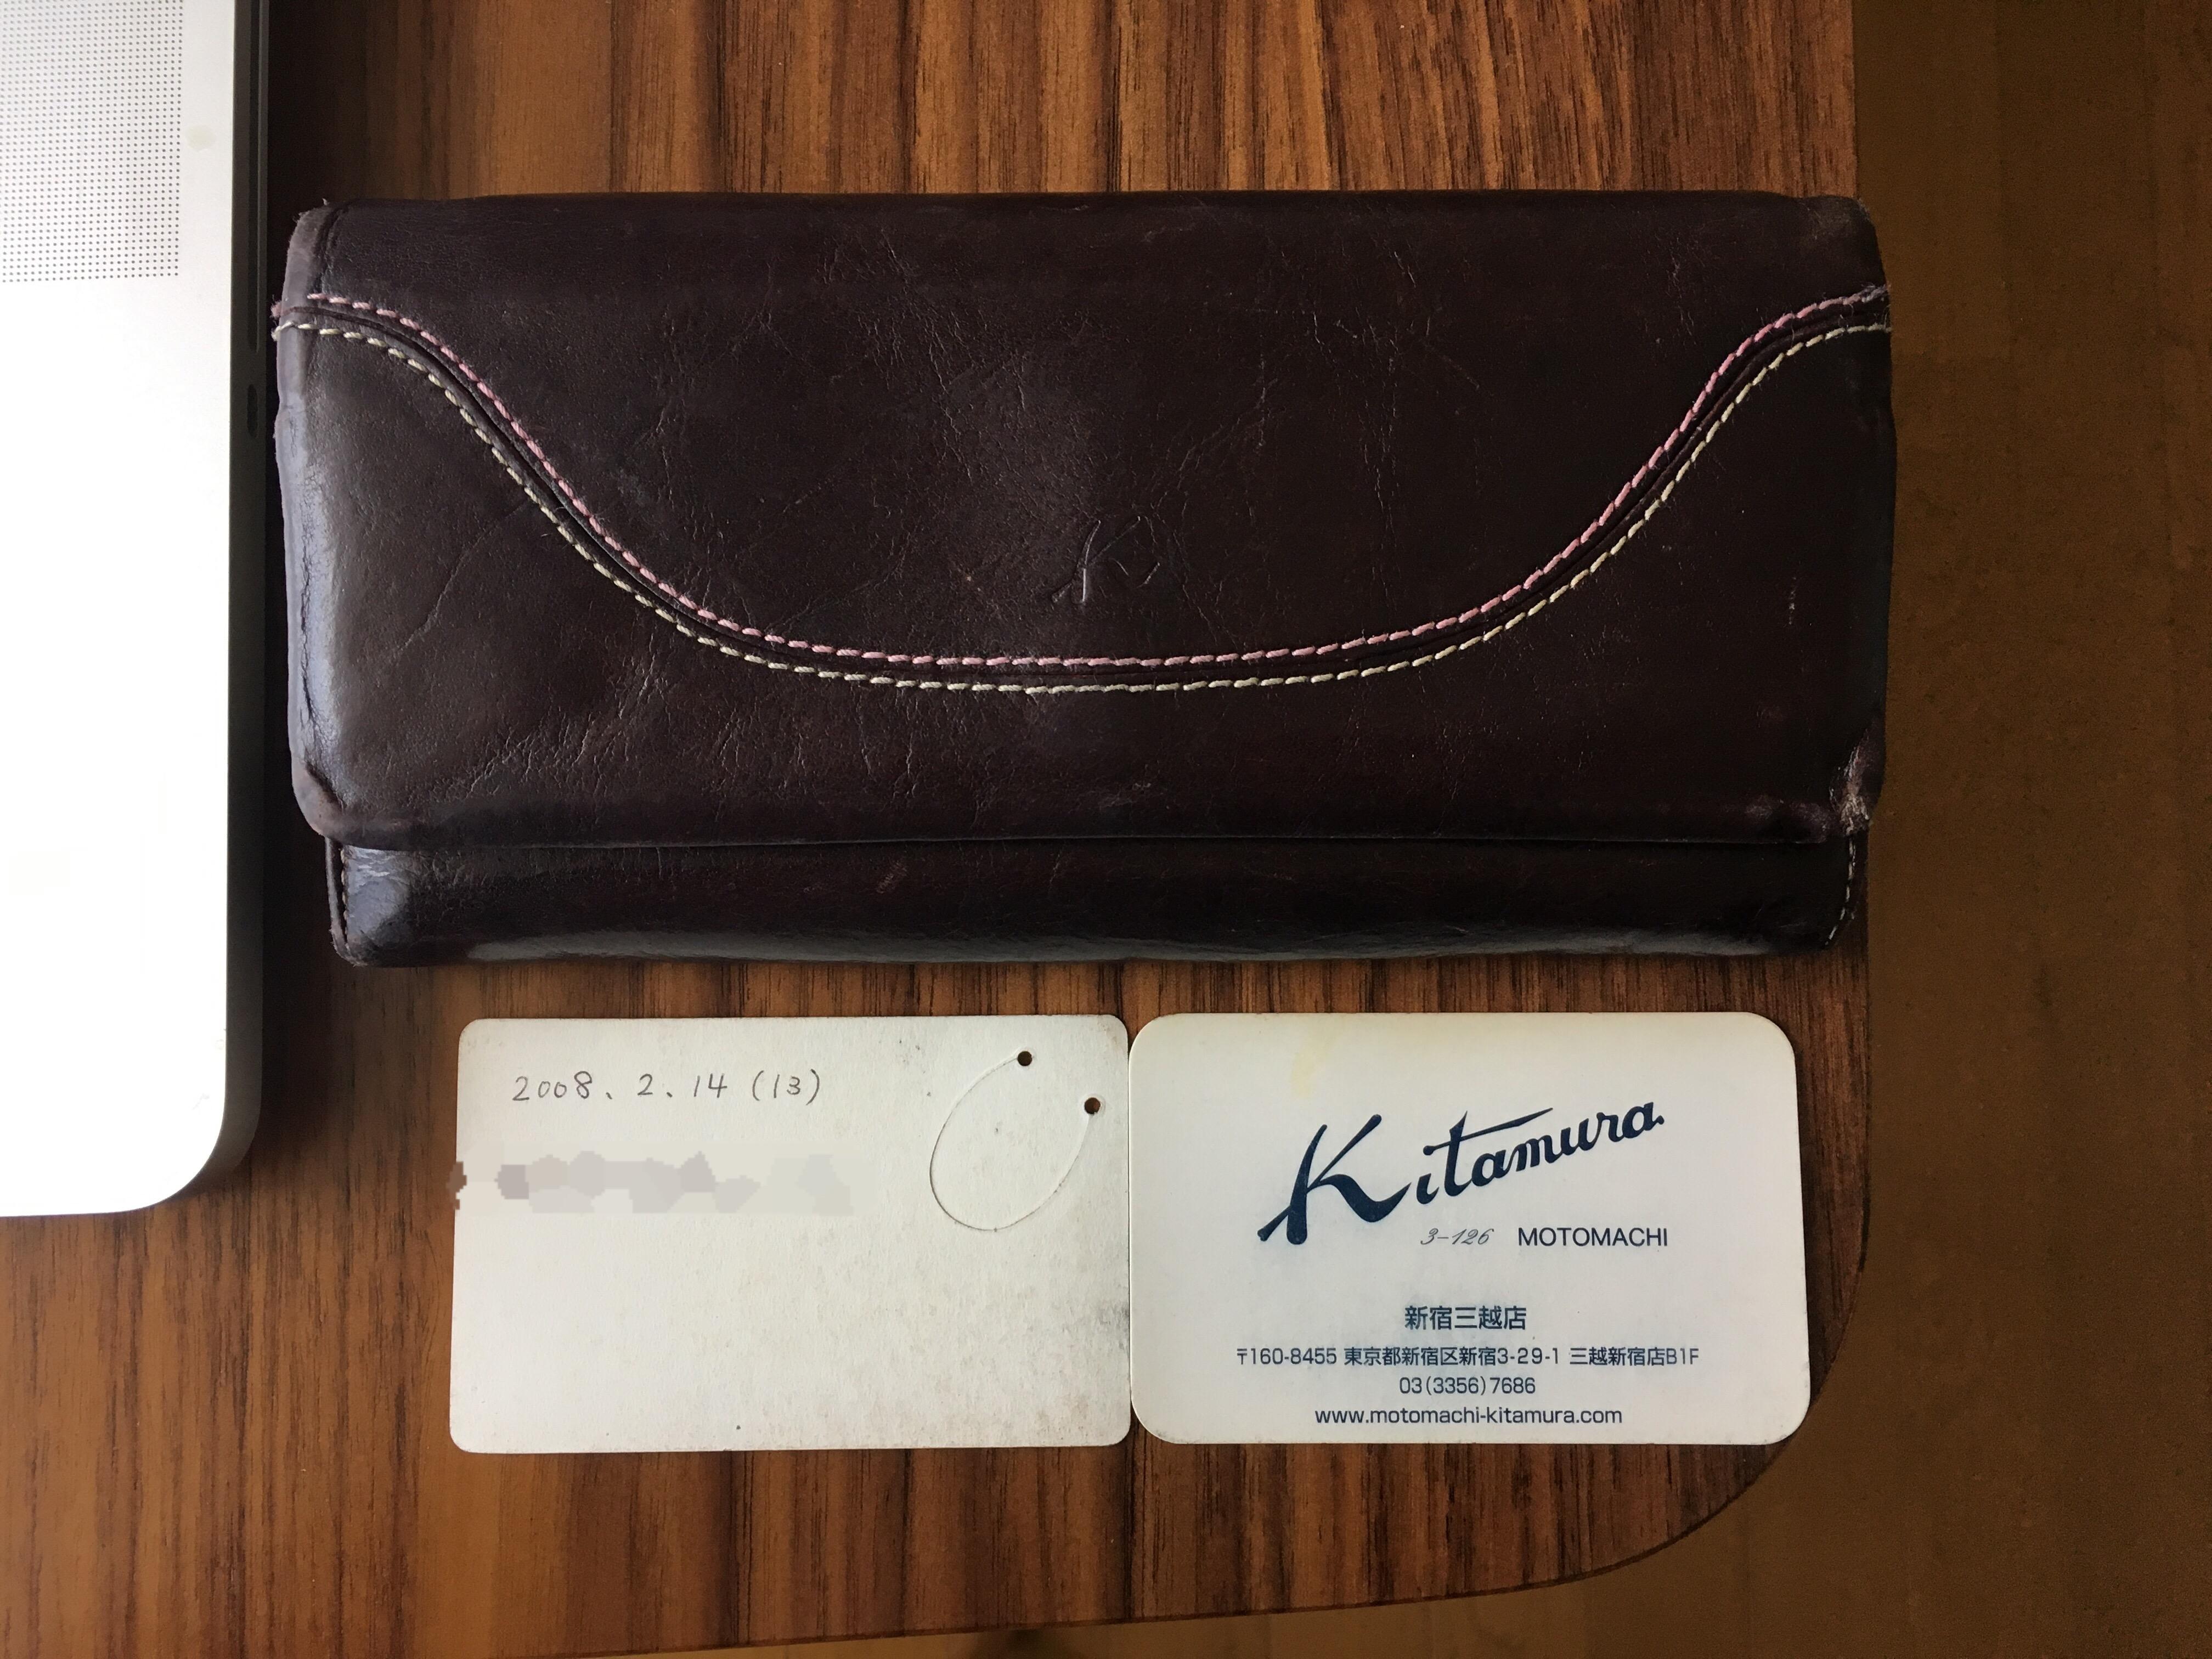 9年も使ったお財布を買い換えました〜私がお財布に求める条件の変化。